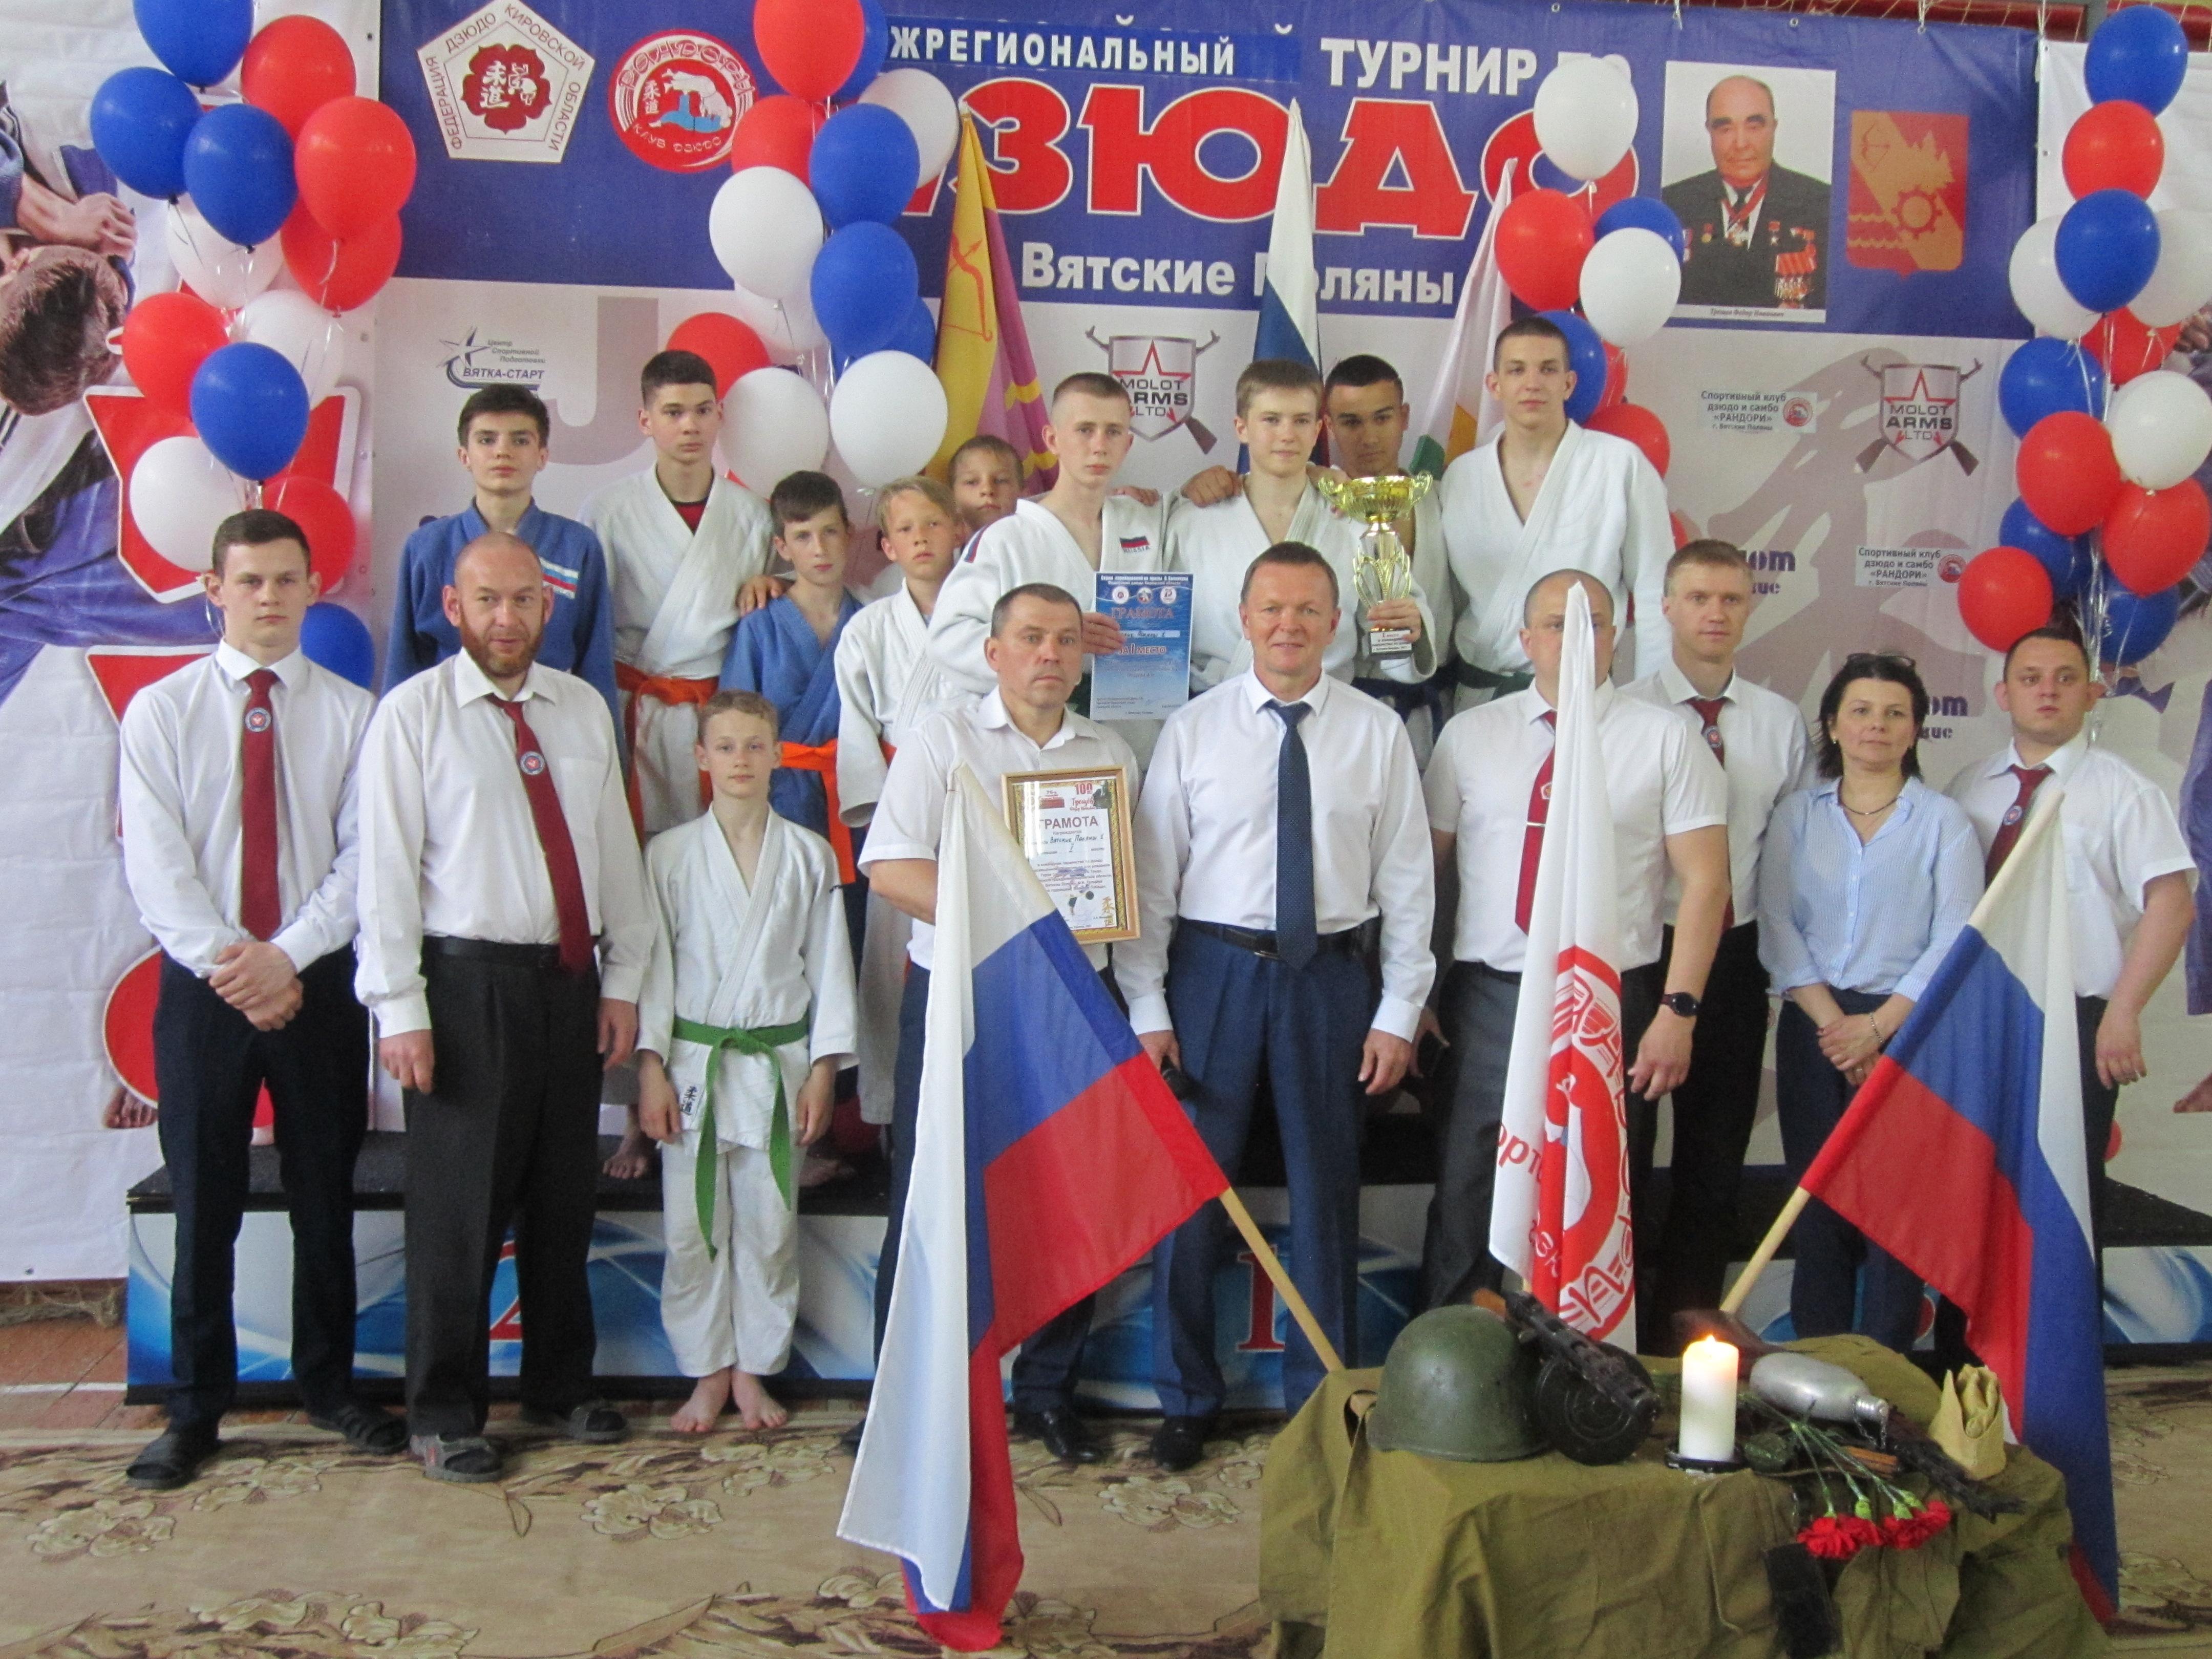 Абрам Жуков вырвал победу для земляков в решающей схватке